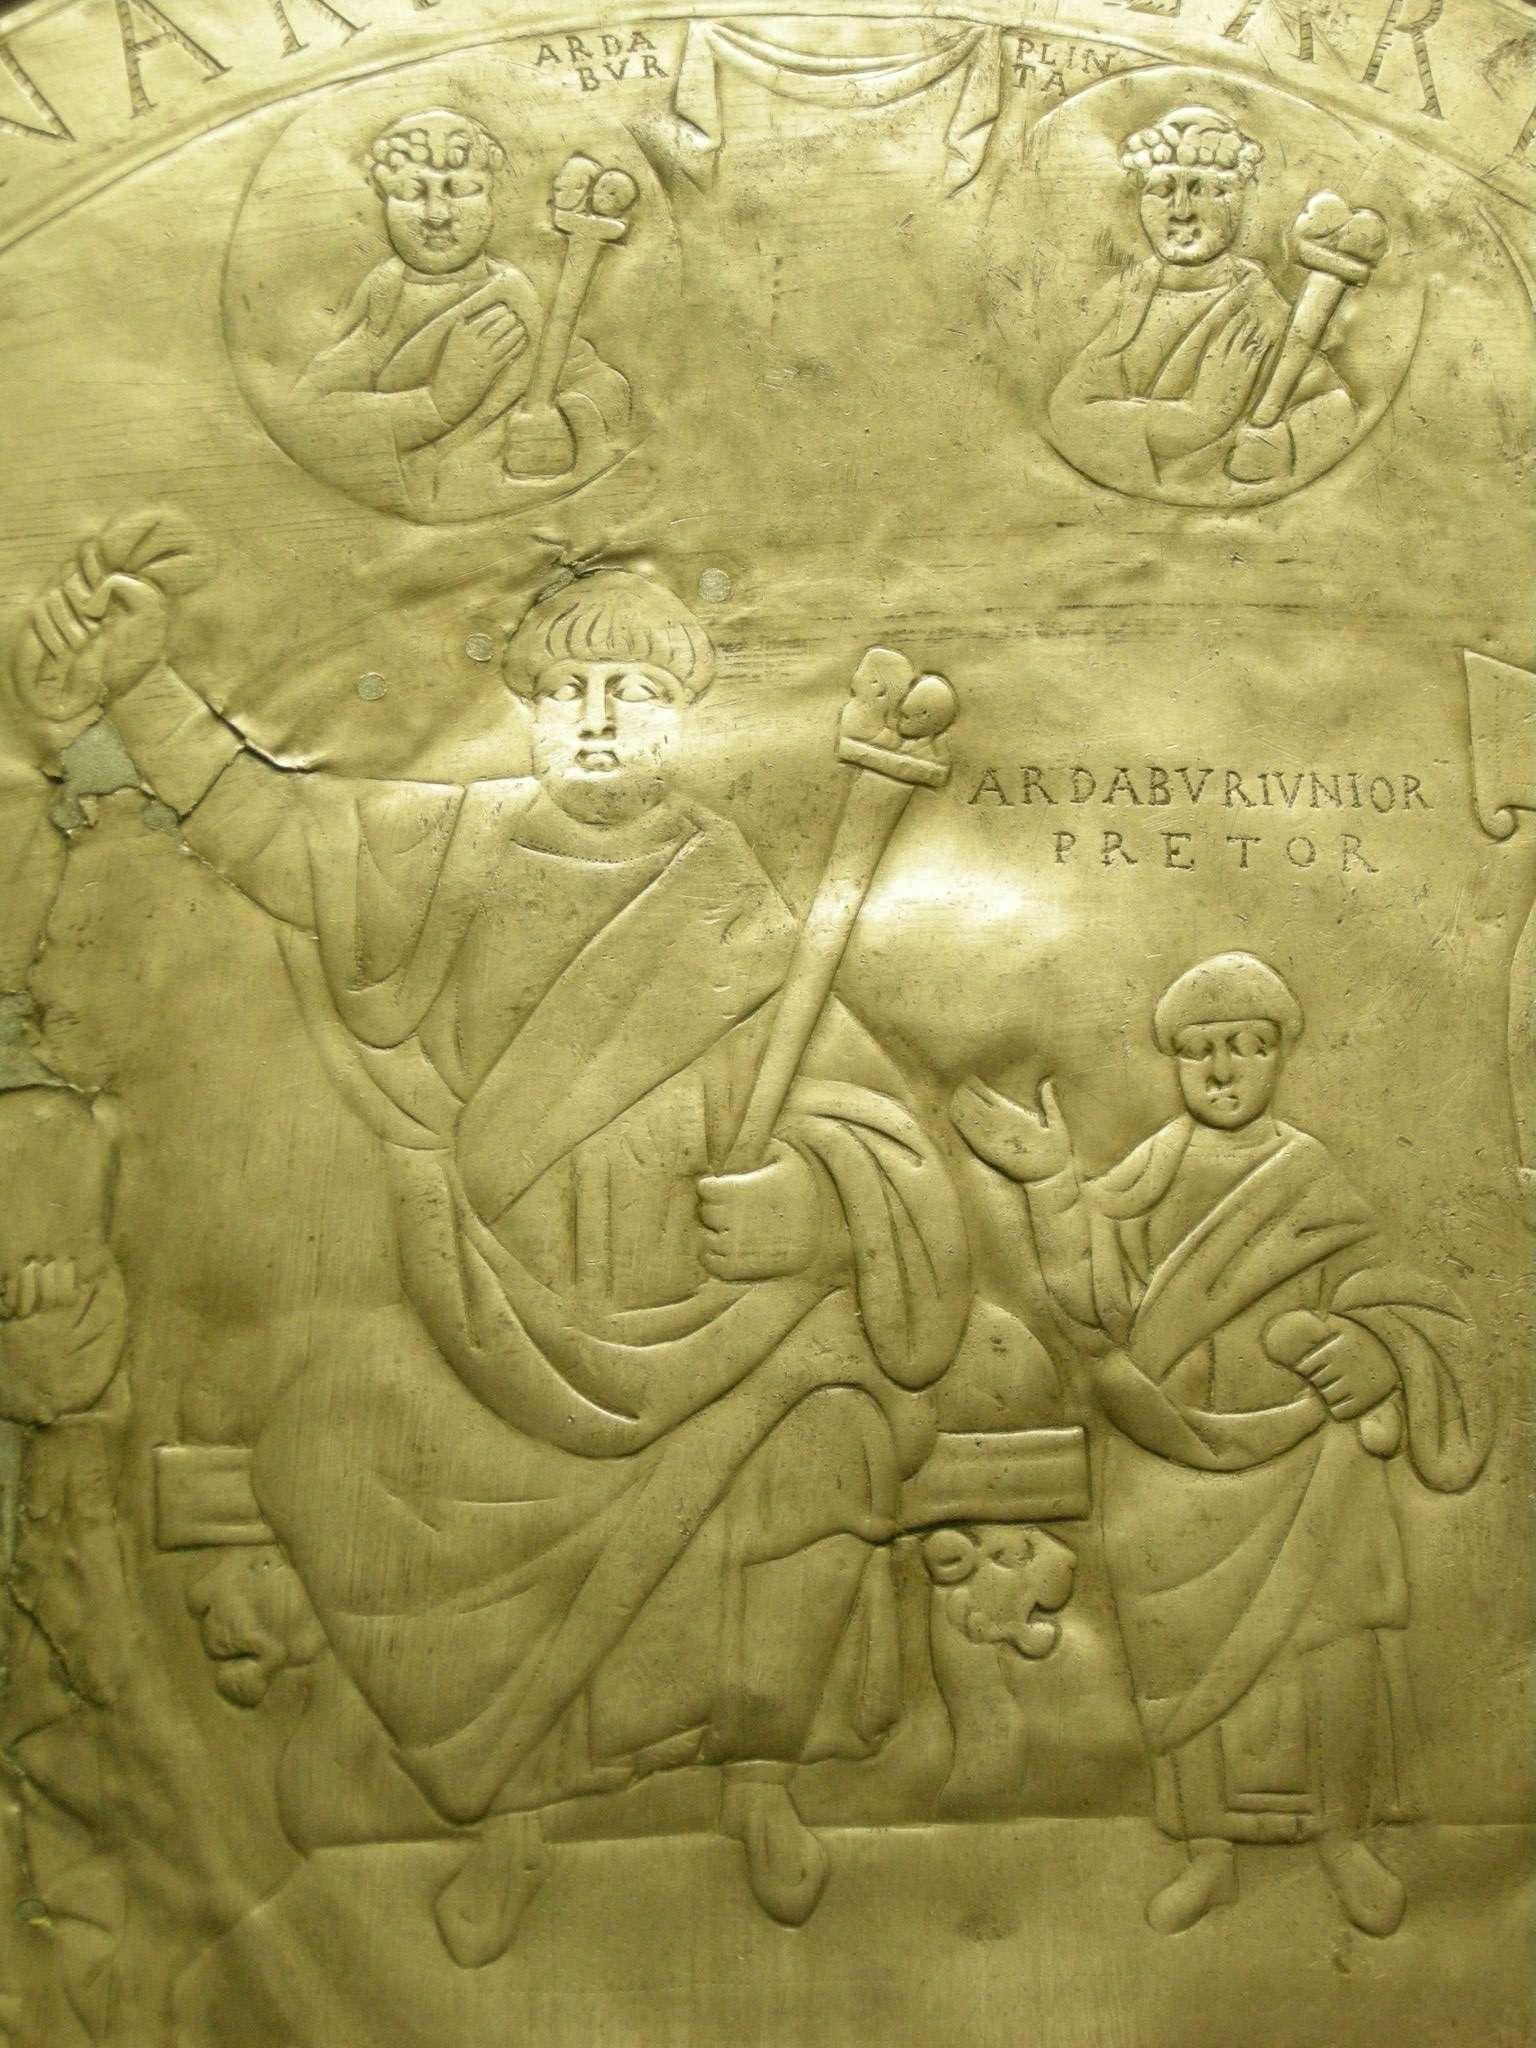 Ο Φλάβιος Αρδαβούριος Άσπαρ (π. 400 - 471) ήταν Γερμανός πατρίκιος της ανατολικής αυτοκρατορίας και, ως στρατηγός Γερμανών μισθοφόρων σε Ρωμαϊκή υπηρεσία, είχε σημαντική επιρροή στις αποφάσεις τριών αυτοκρατόρων (Θεοδόσιο Β΄, Μαρκιανό, Λέων Α΄).